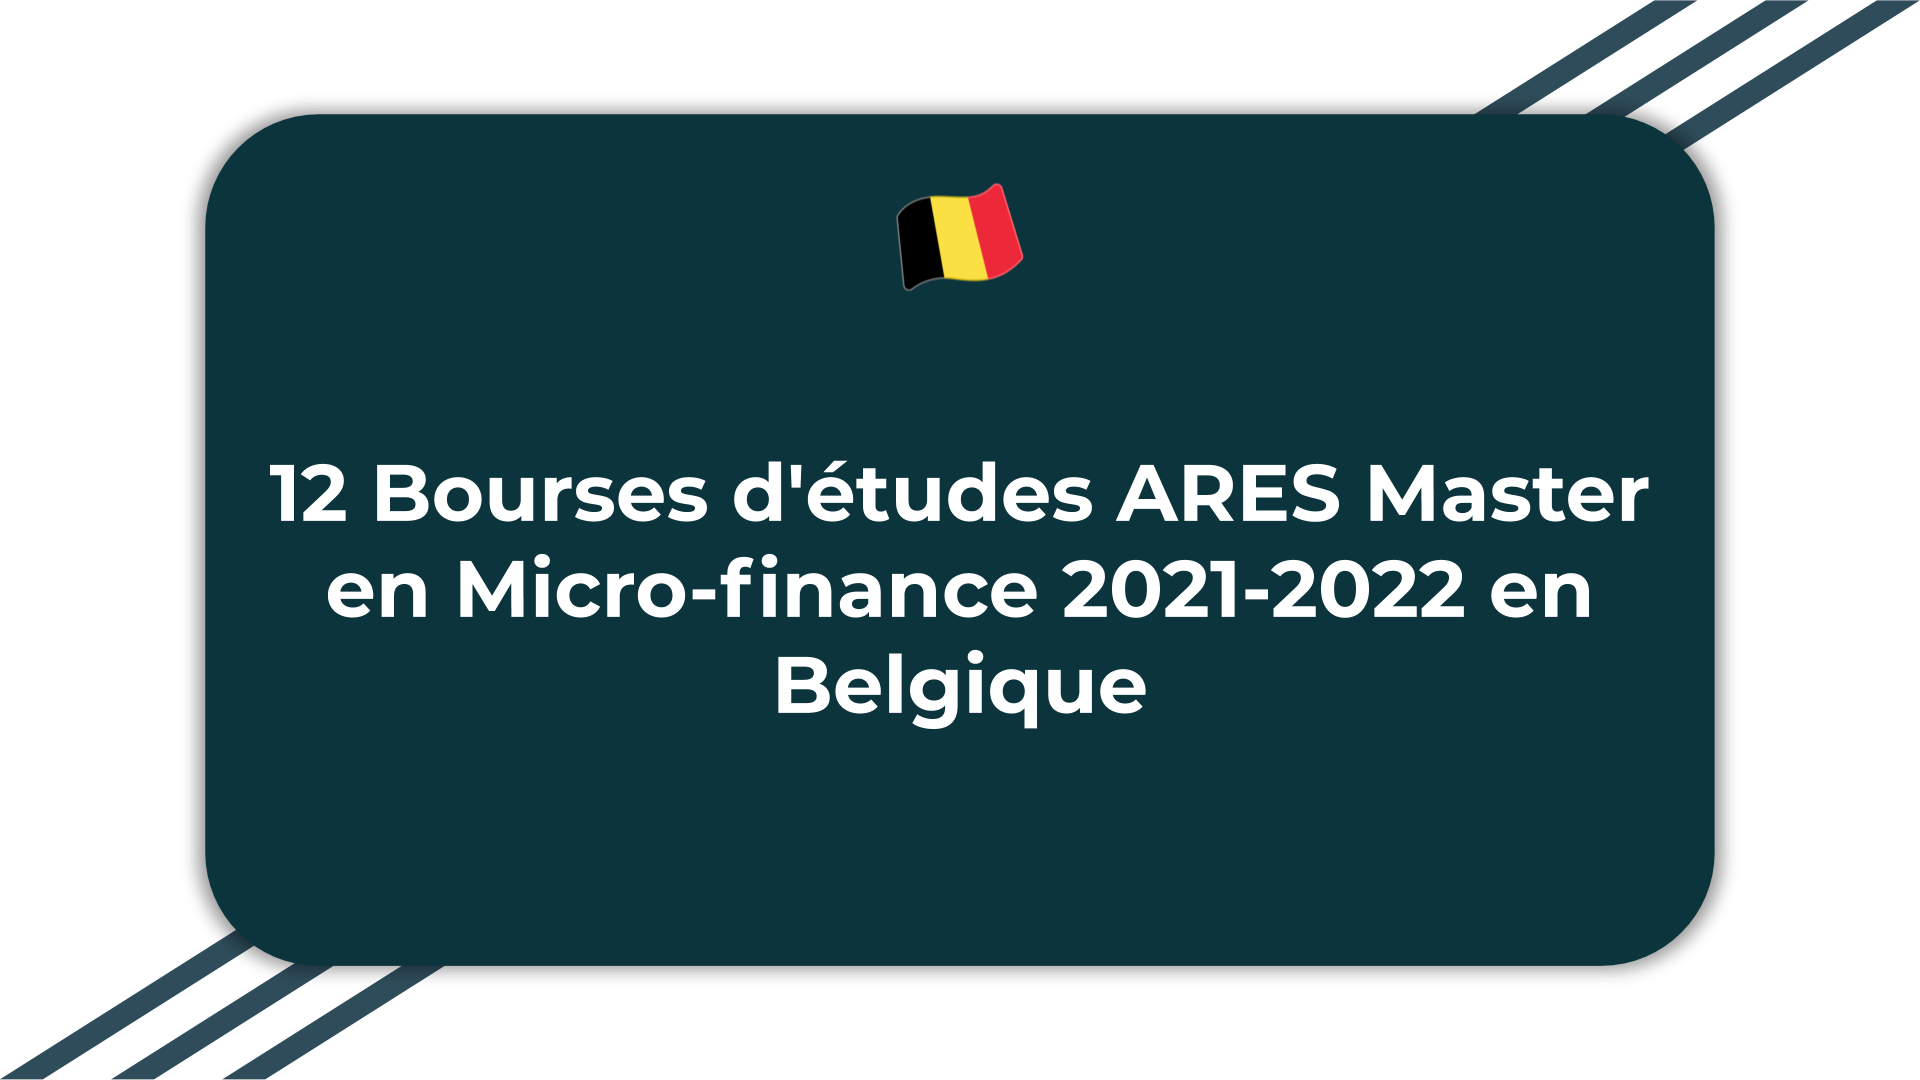 12 Bourses d'études ARES Master en Micro-finance